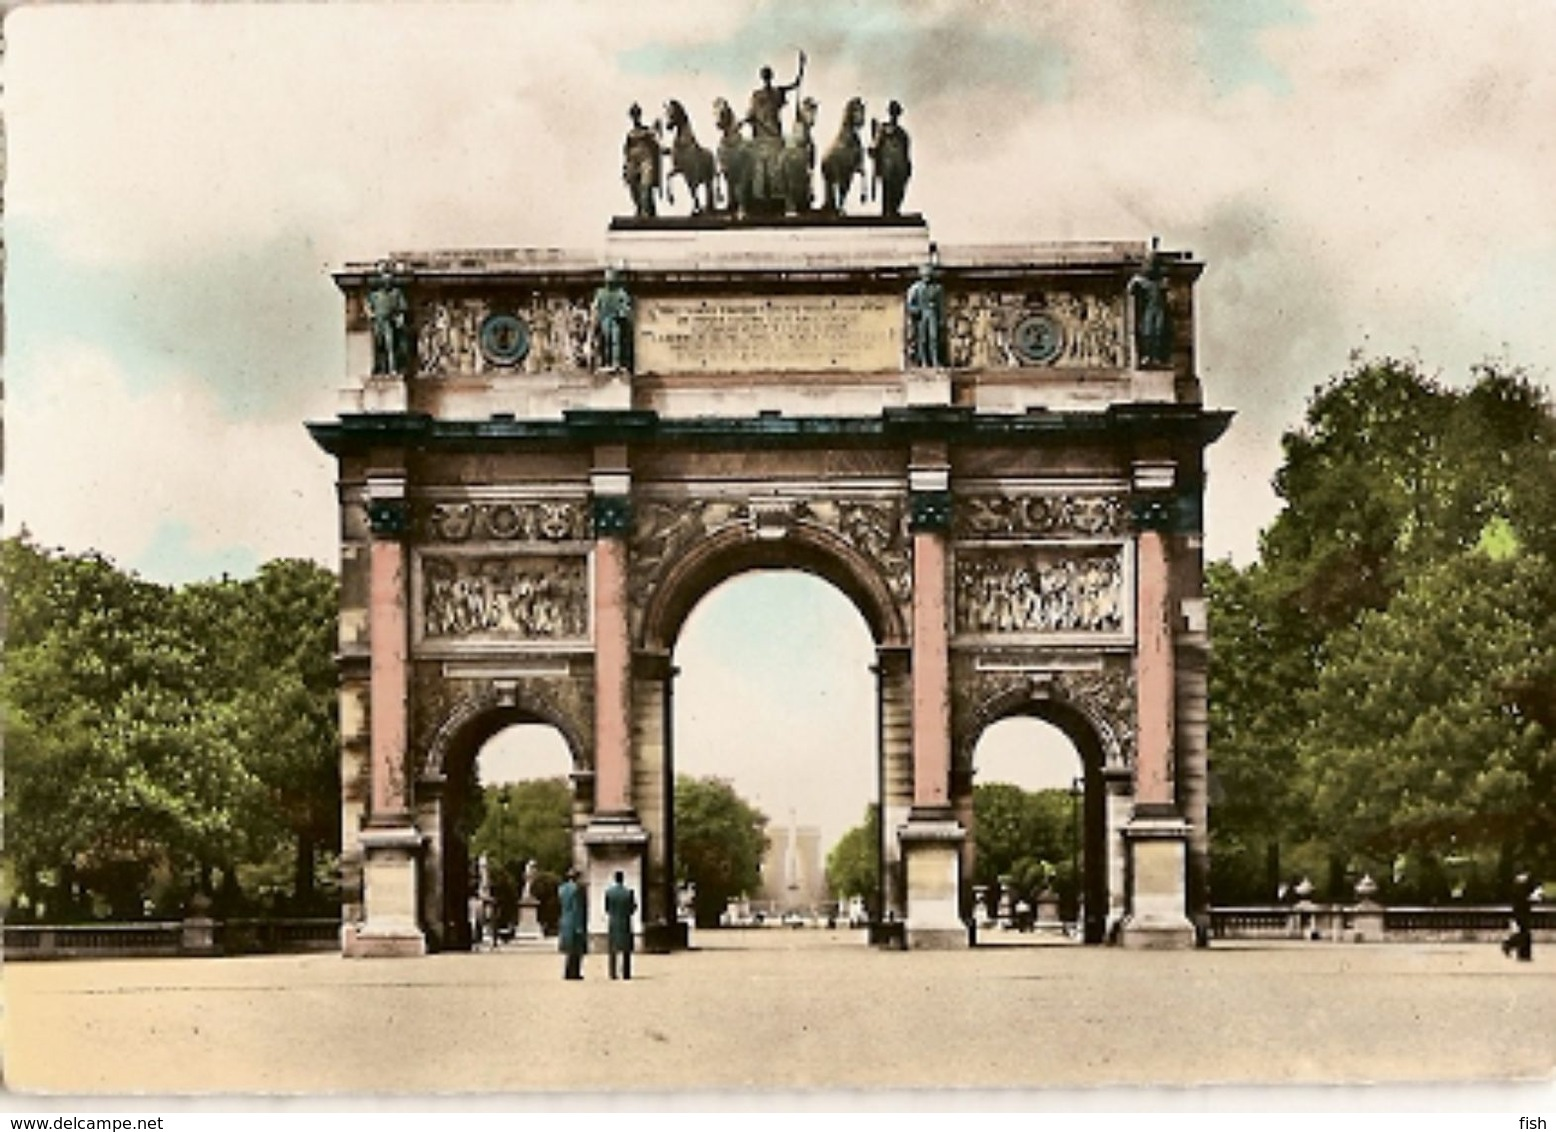 France & Circulated,Paris, Arc De Triomphe Du Carrousel,Ile D'Oleron, Roles De Alienor D'Aquitaine,  Lisboa 1960 (53) - Monumentos